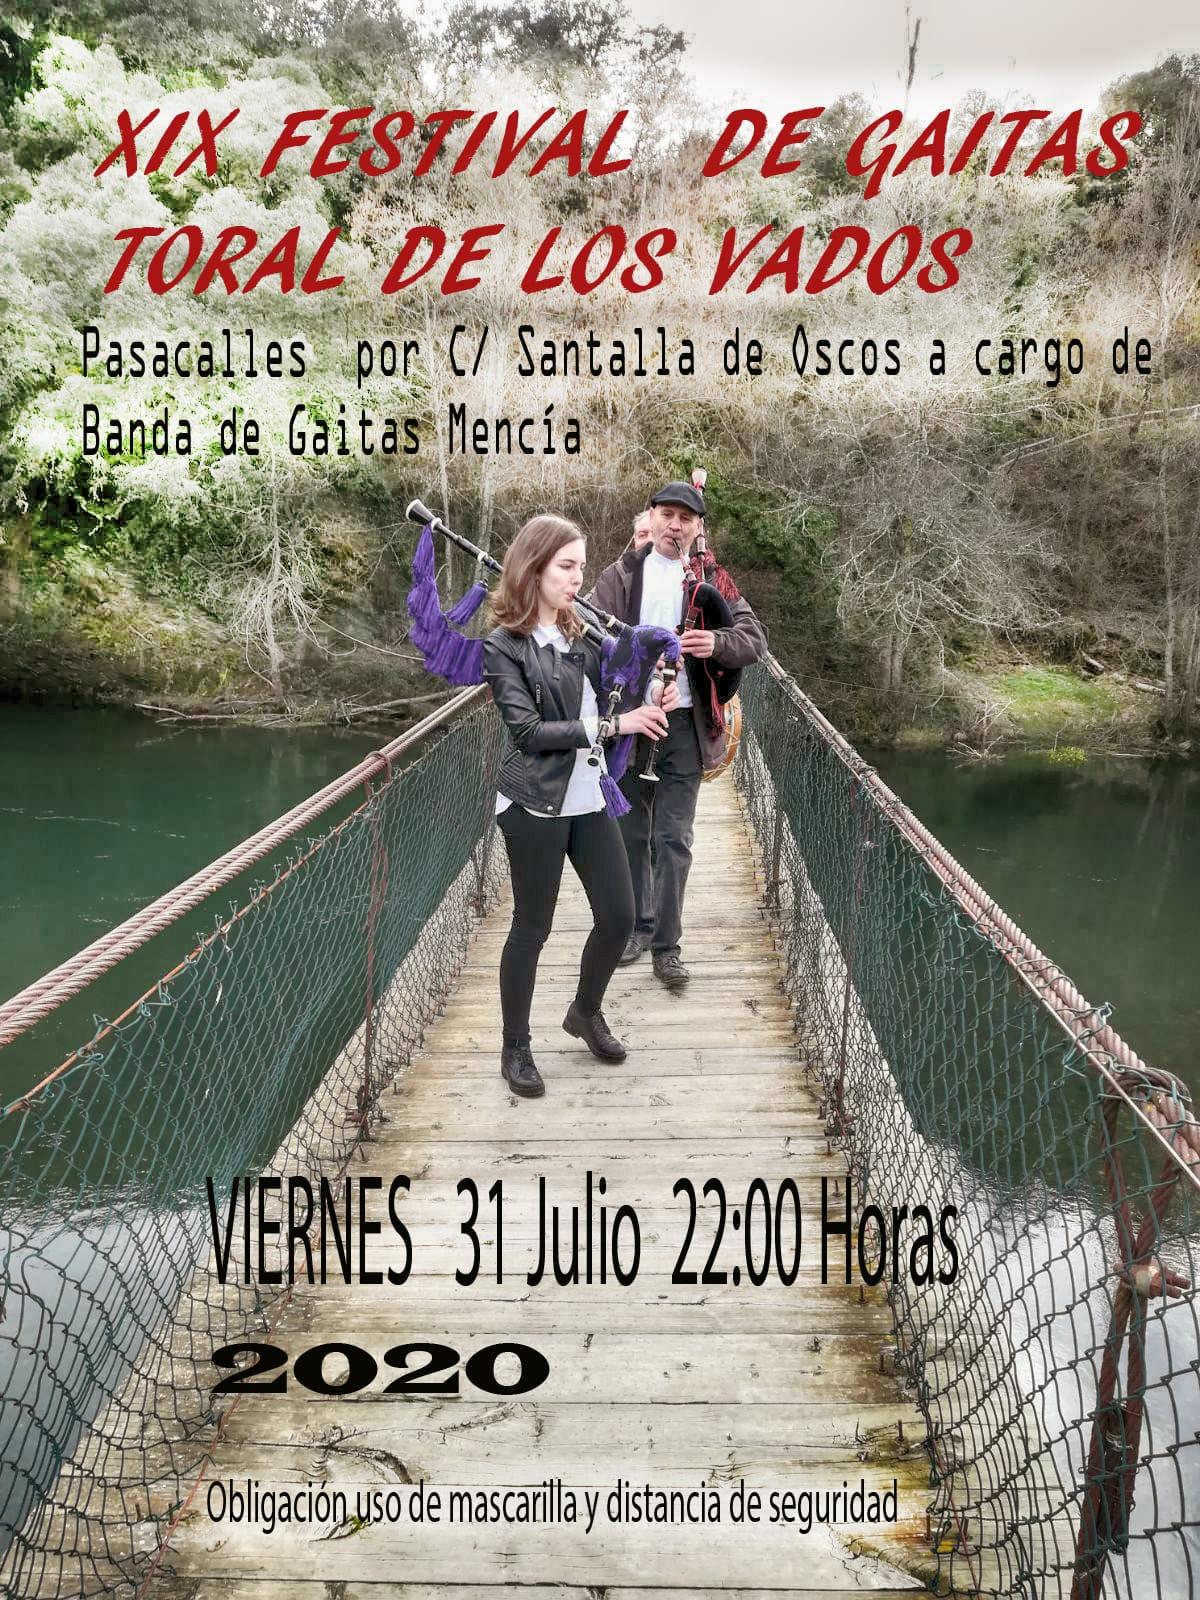 El viernes se celebra el XIX Festival de gaitas de Toral de los Vados con un pasacalles al aire libre 1